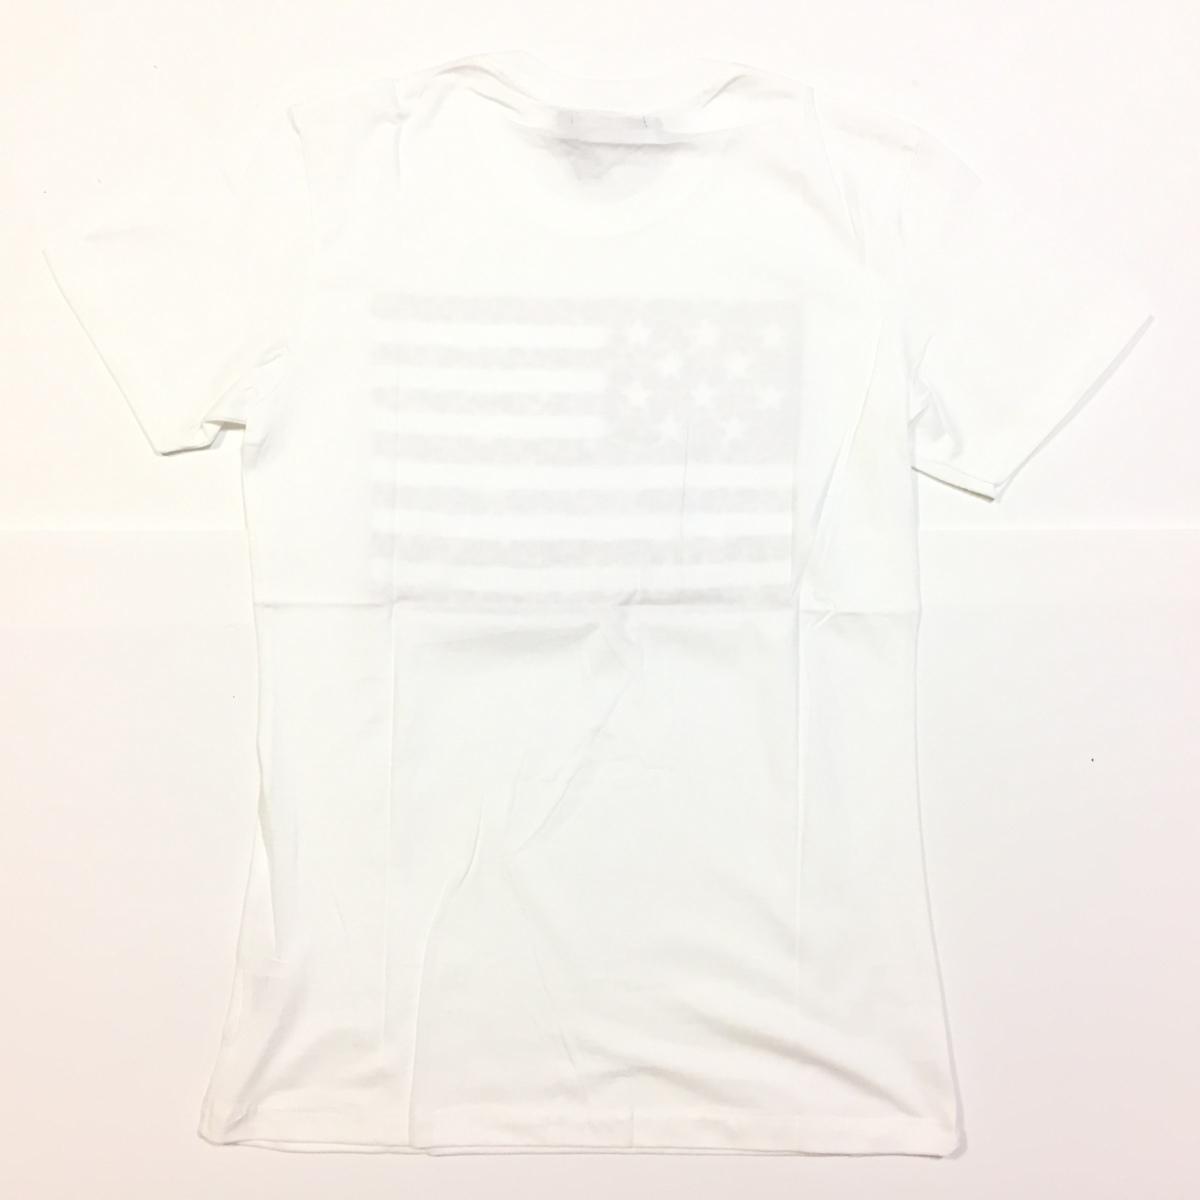 【卸売り】2枚セット メーカー希望小売価格¥3,190 新品 レオパード ヒョウ柄 星条旗 Tシャツ Lサイズ アメカジ ビター系_画像9